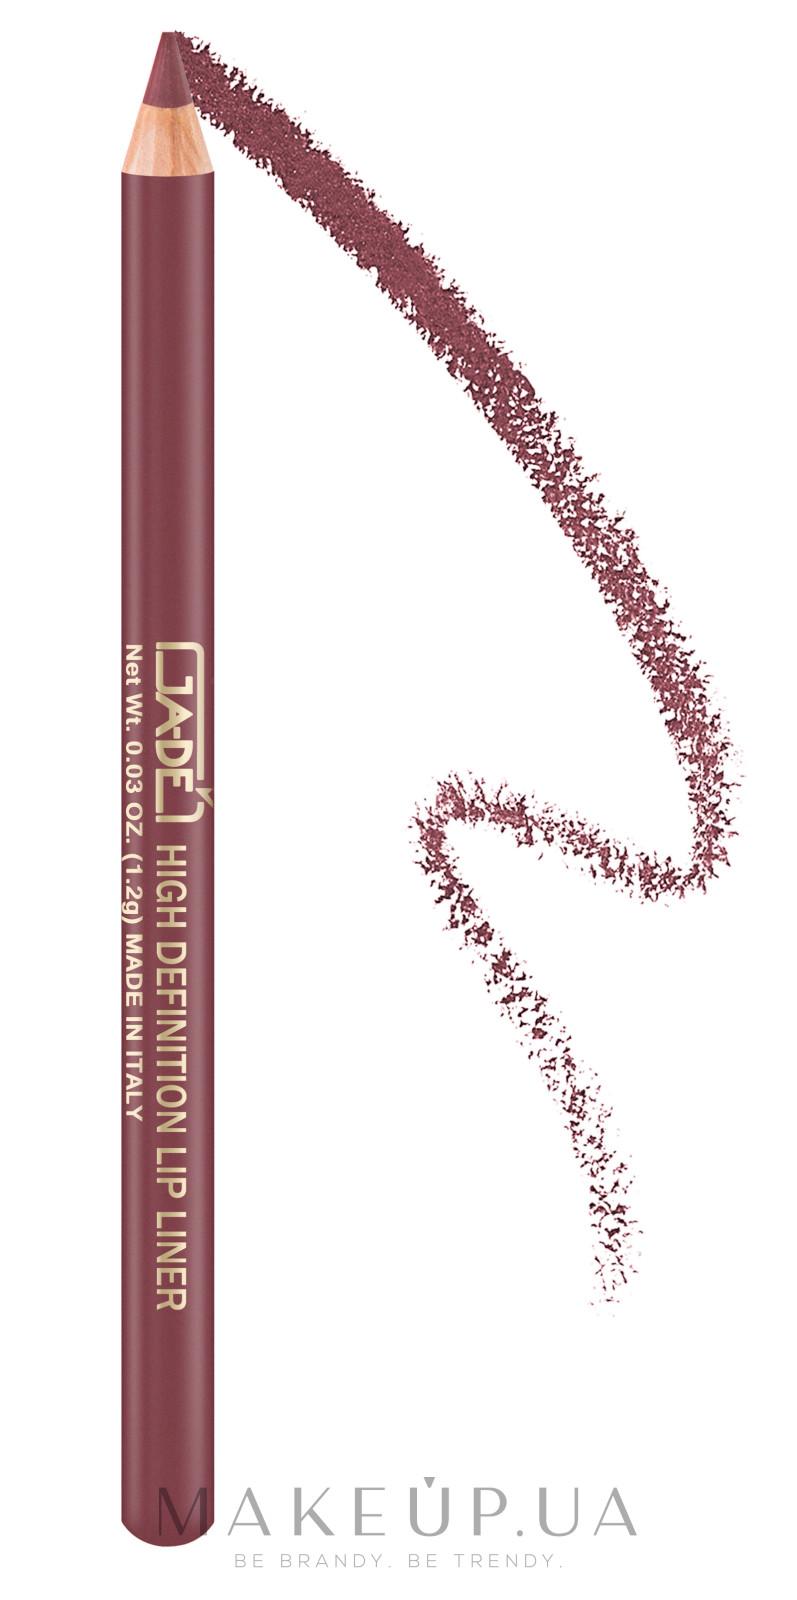 Карандаш для губ деревянный - Ga-De Youngirl Lip Pencil — фото 308